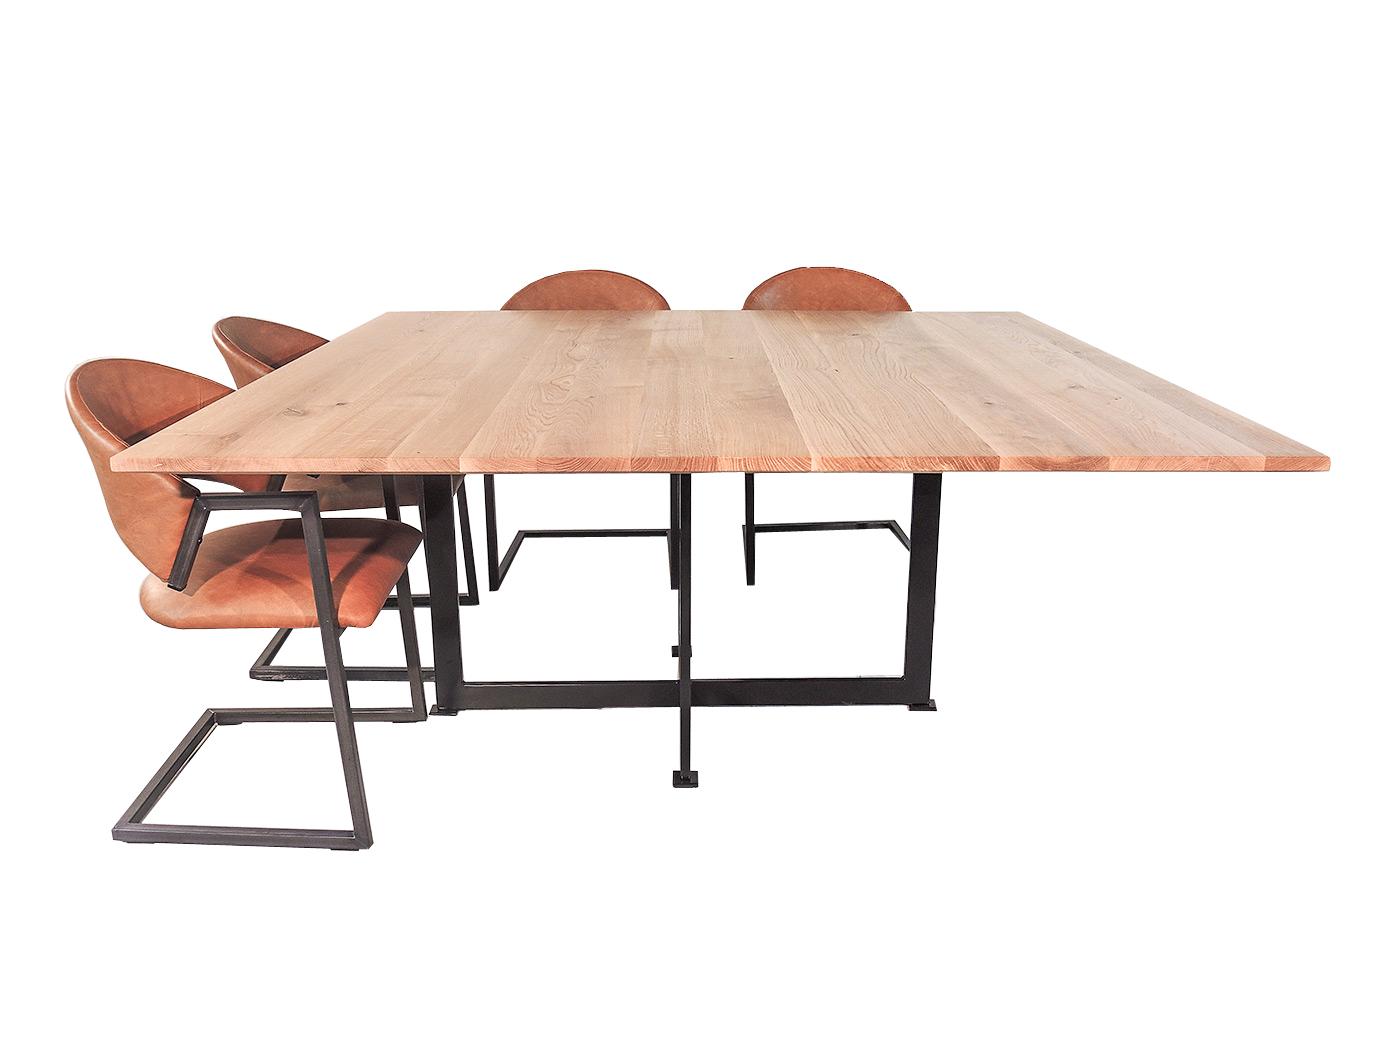 8 Persoons Vierkante Eettafel.Texas Vierkante Eettafel Voor 8 Of 10 Personen